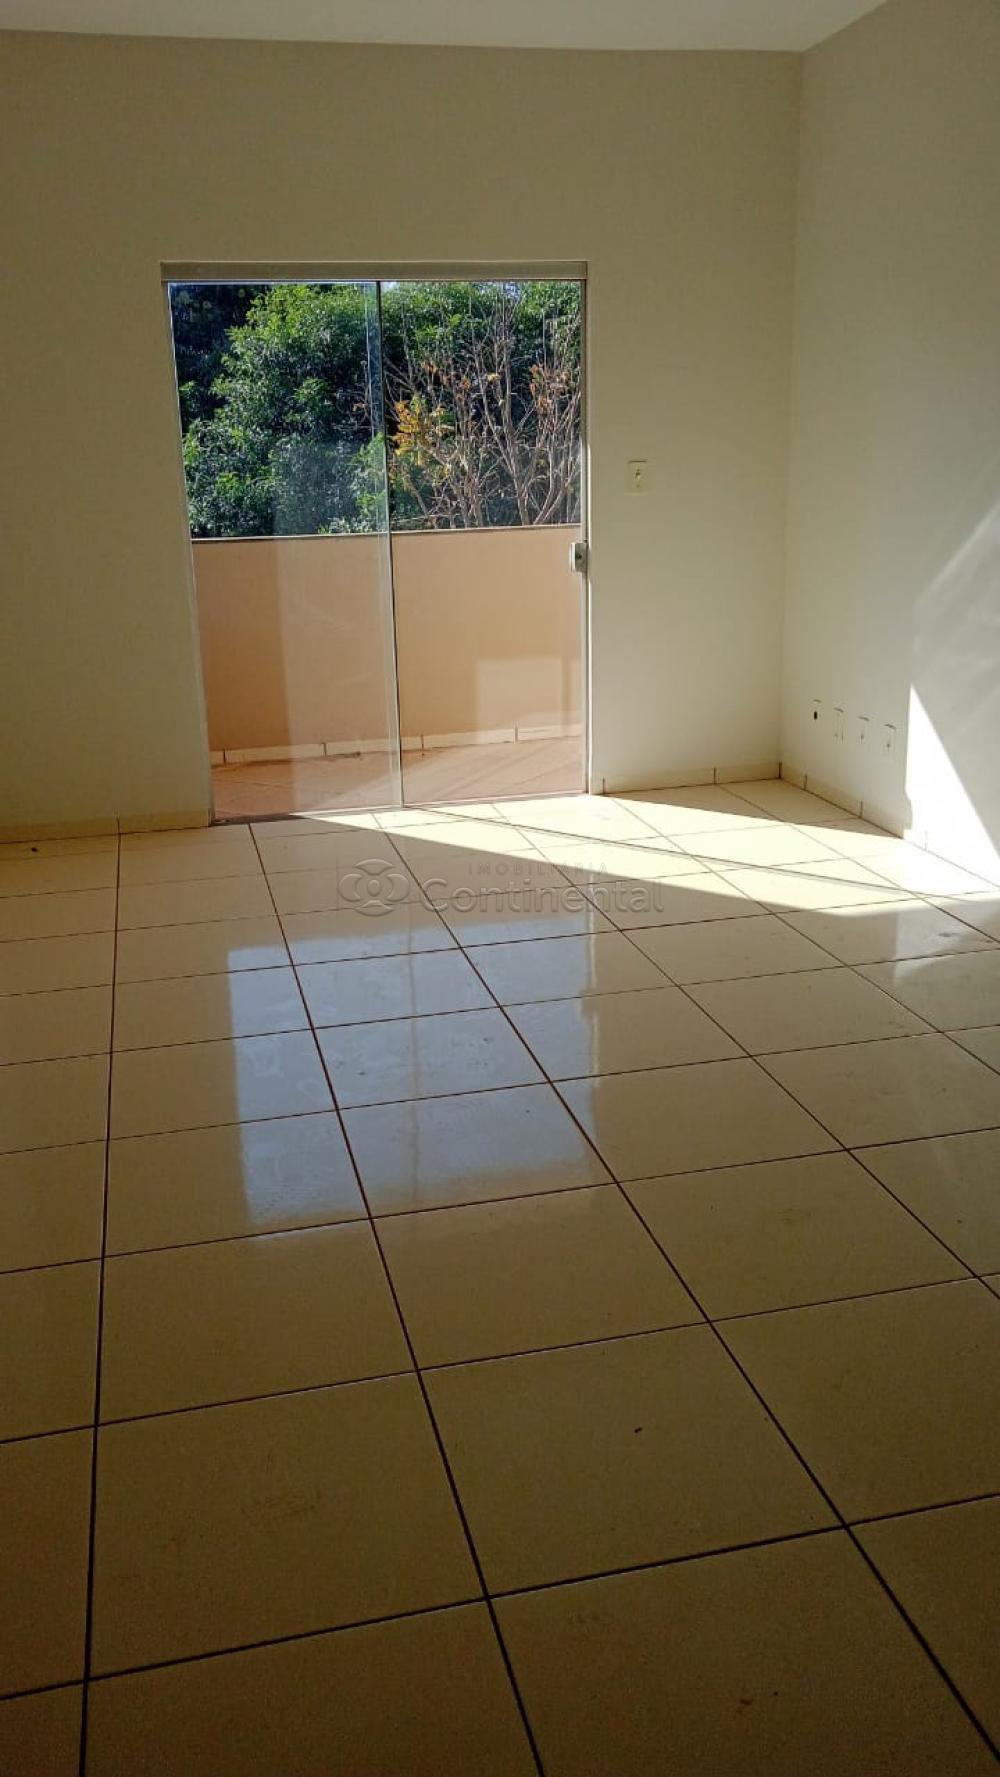 Alugar Apartamento / Padrão em Dourados R$ 1.100,00 - Foto 2